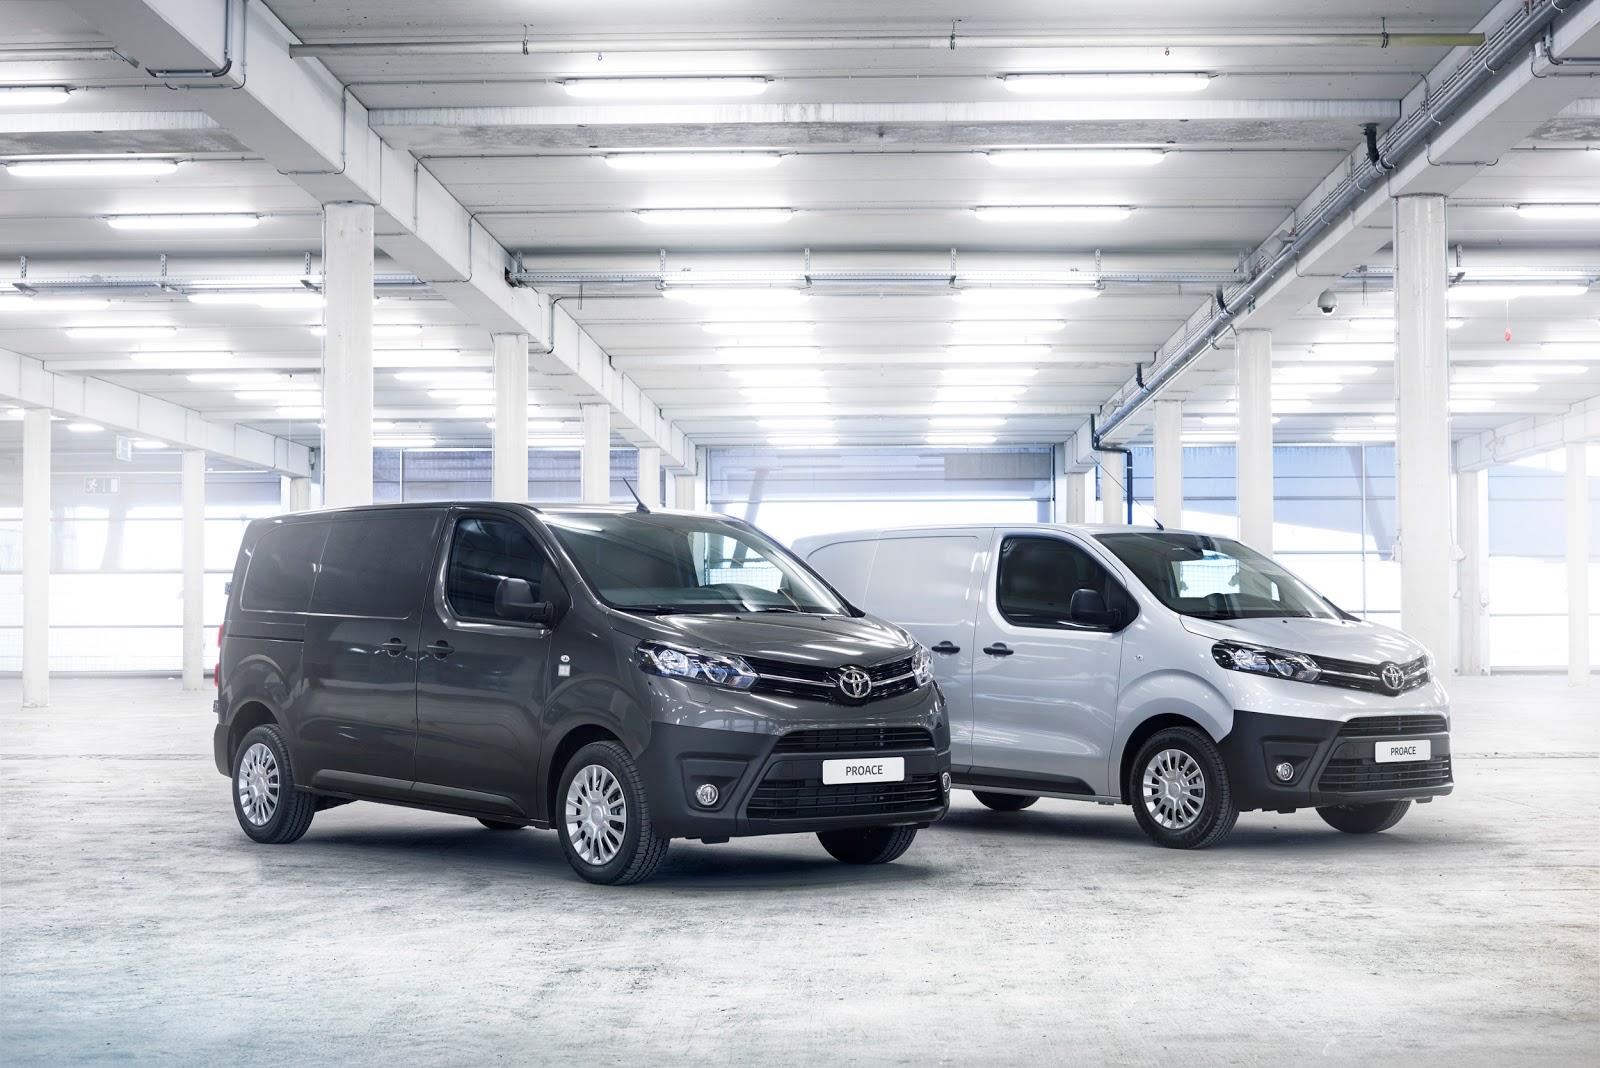 Toyota Proace 2016 sẽ hỗ trợ chở khách, chở hàng cực kỳ hiệu quả